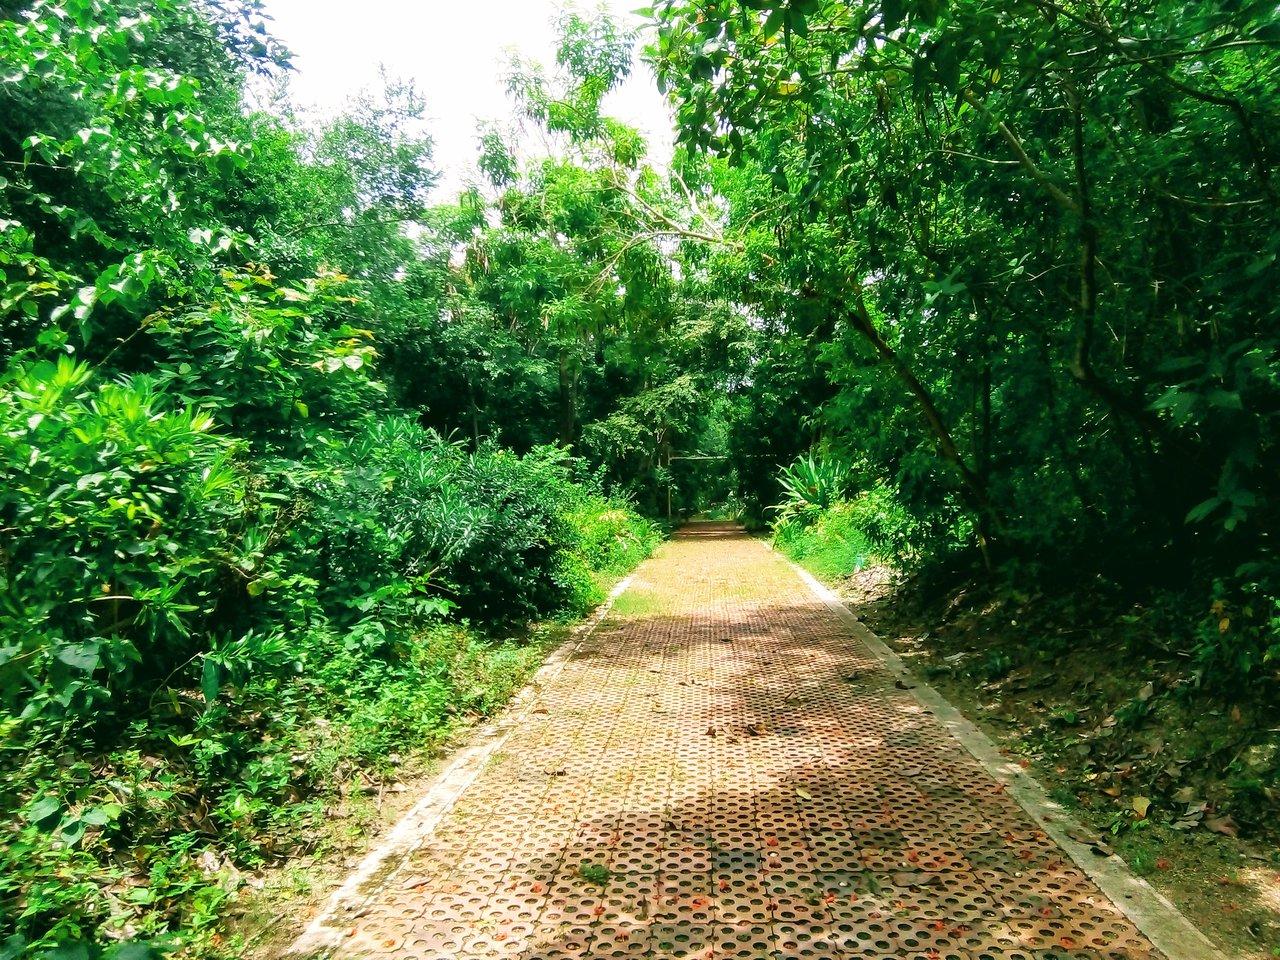 Mucha vegetacion y un camino